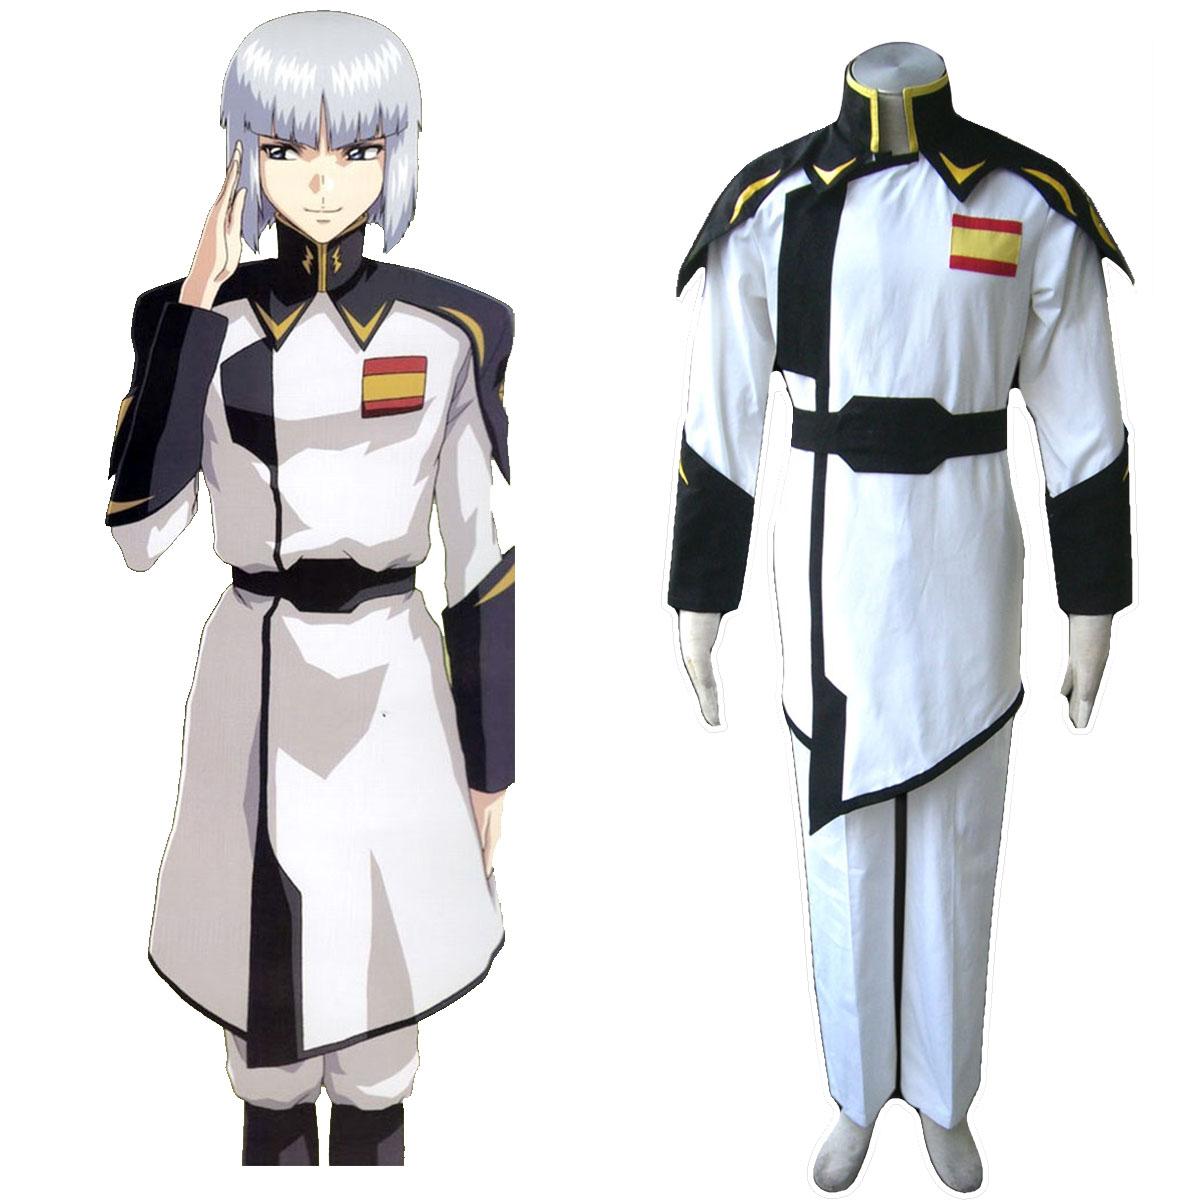 זרע Gundam דלוקס זפט הצבא הלבן קפטן ביגוד קוספליי קוספליי